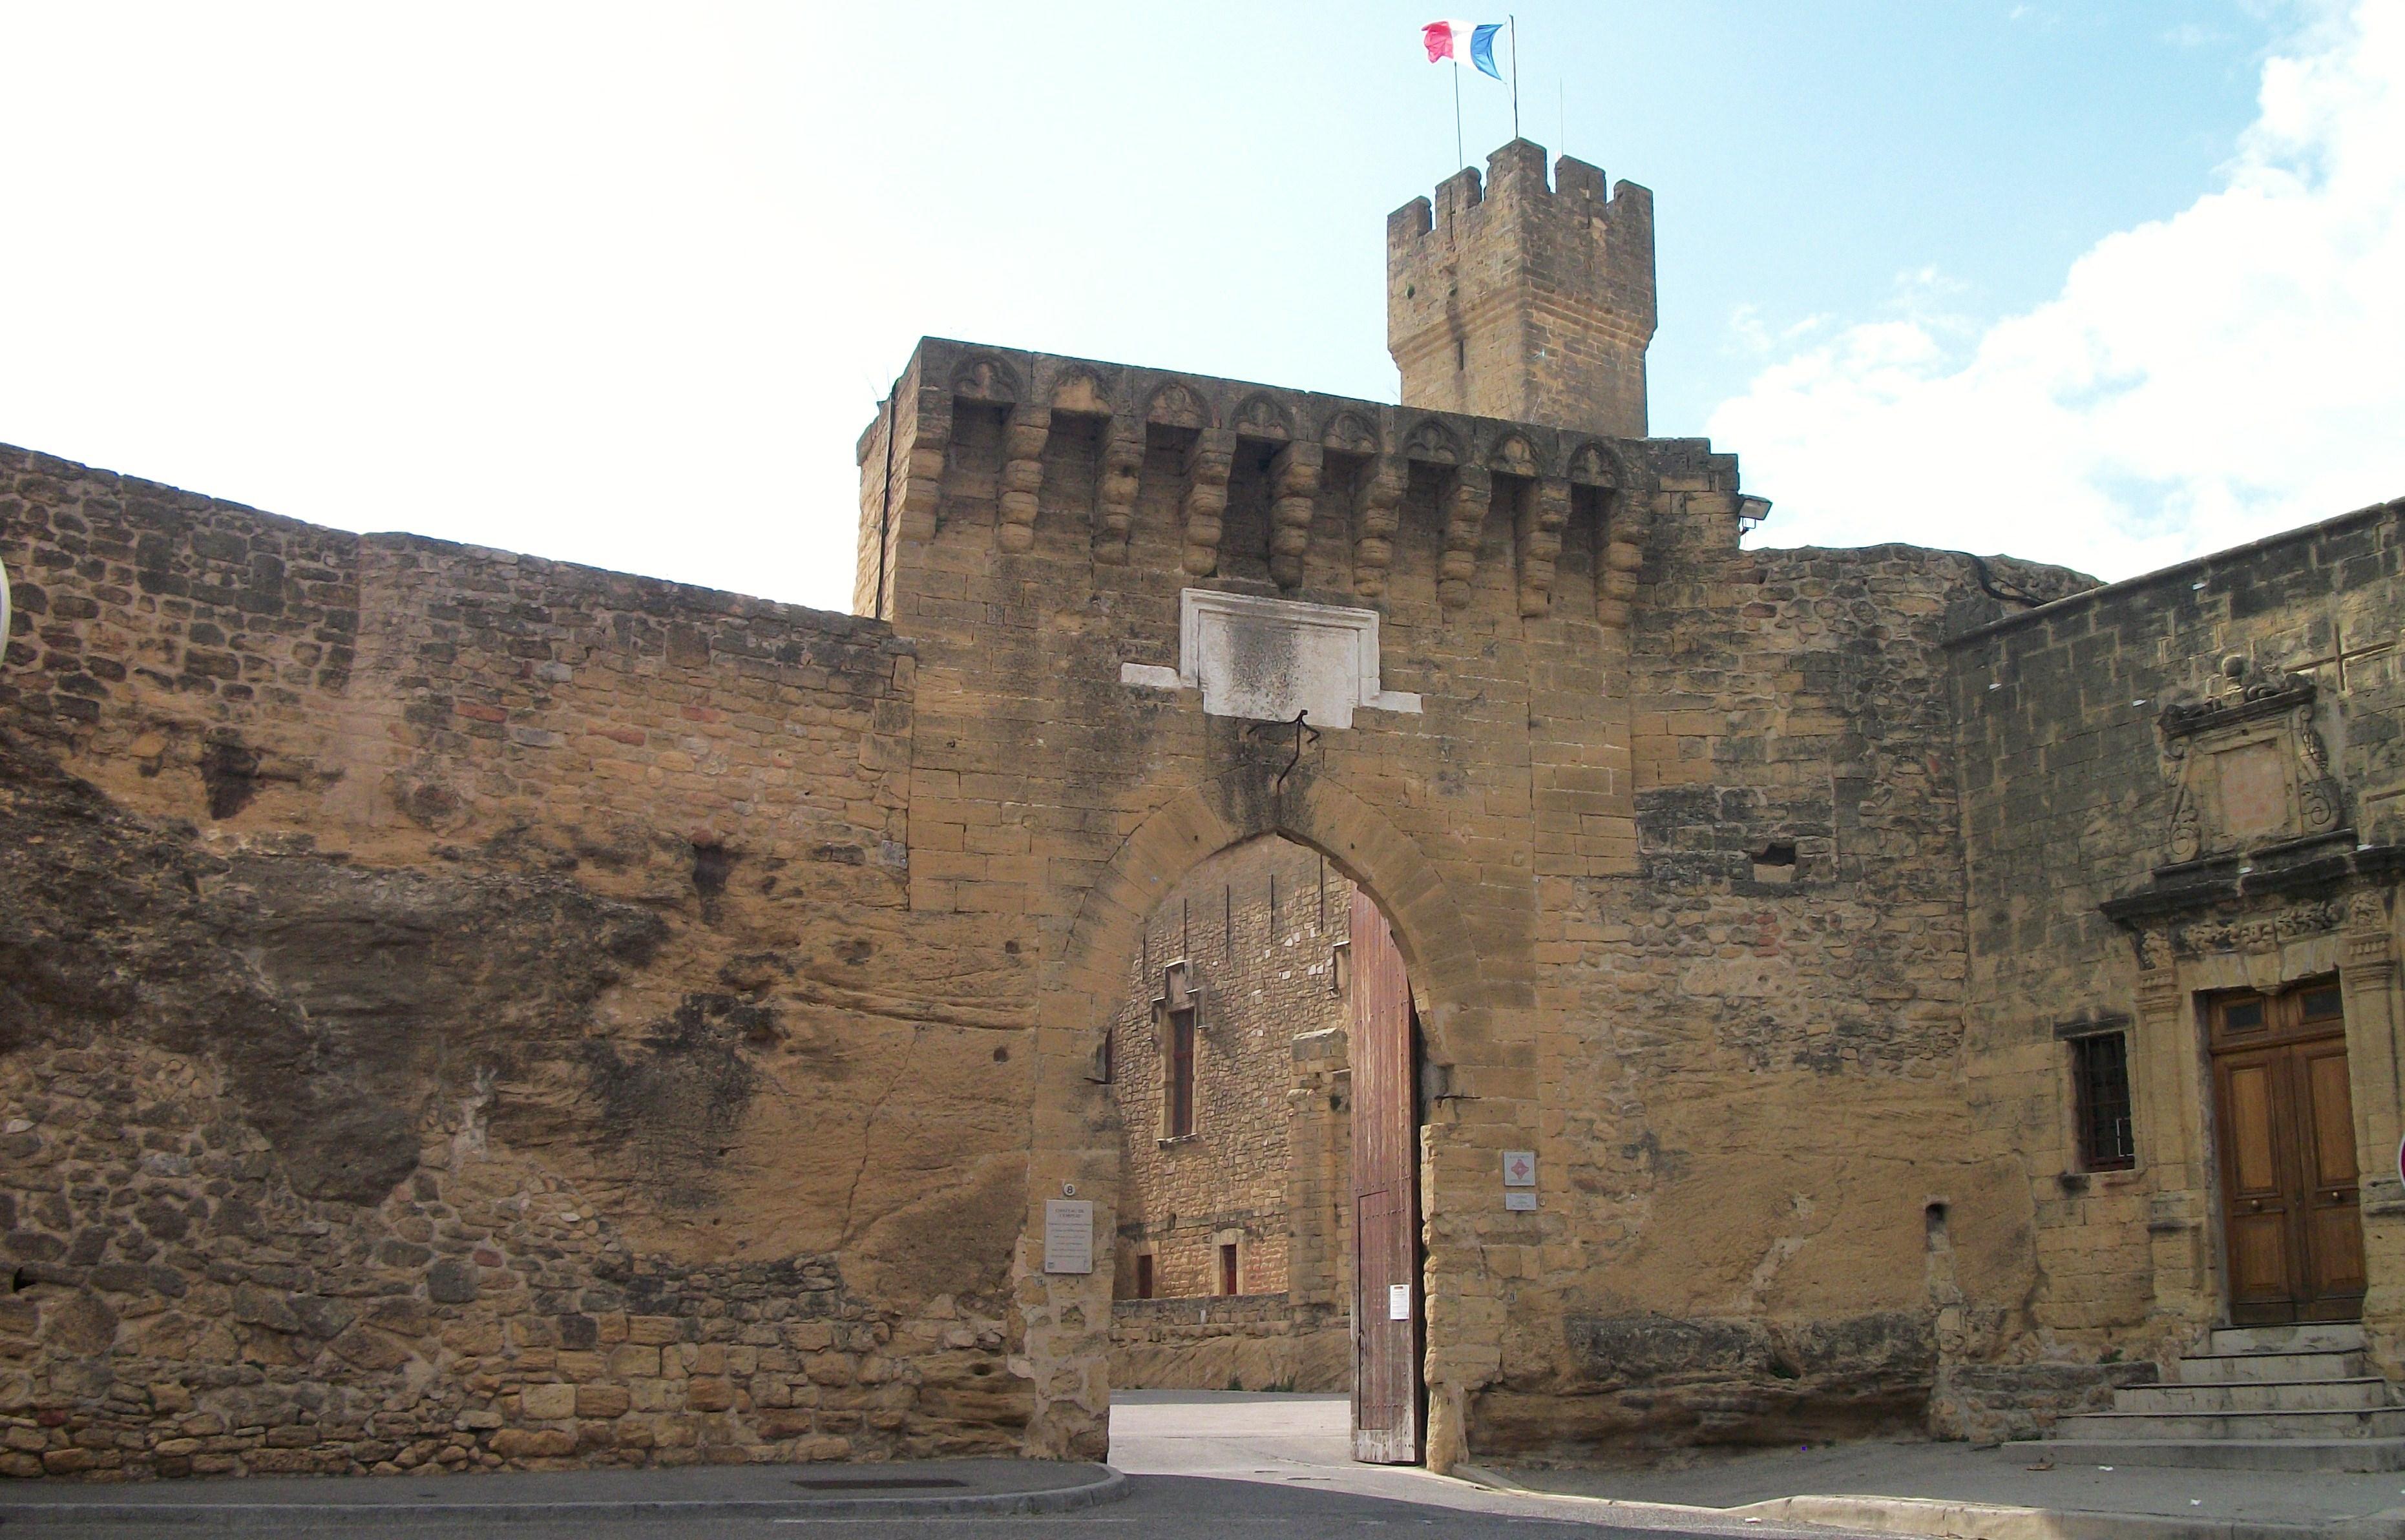 Chateau de l'Emperi Salon de Provence